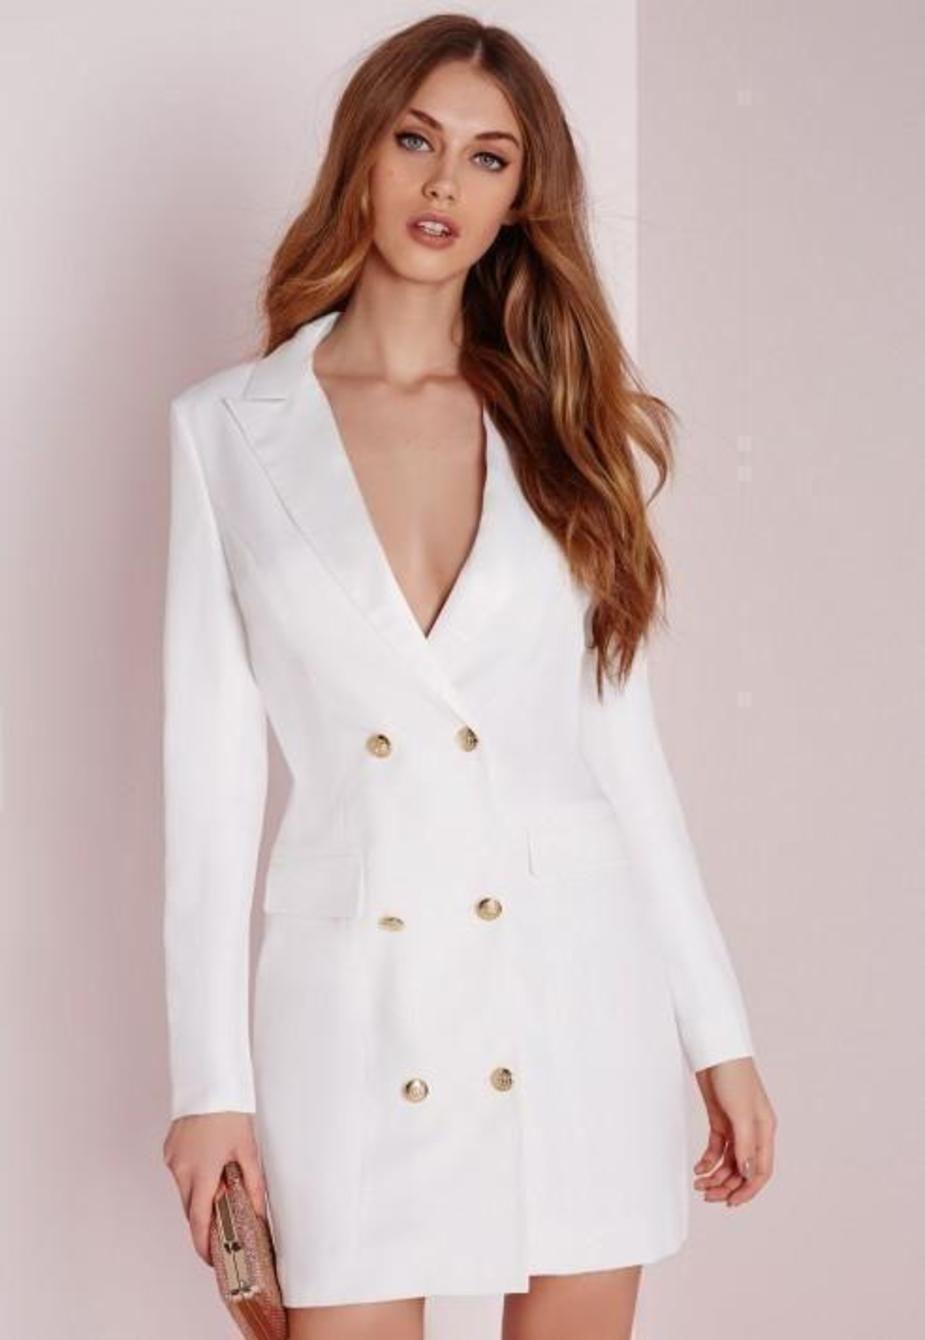 Missguided Long Sleeve Tuxedo Dress White Tuxedo Dress White Tux Dress Tuxedo Dress [ 1340 x 925 Pixel ]